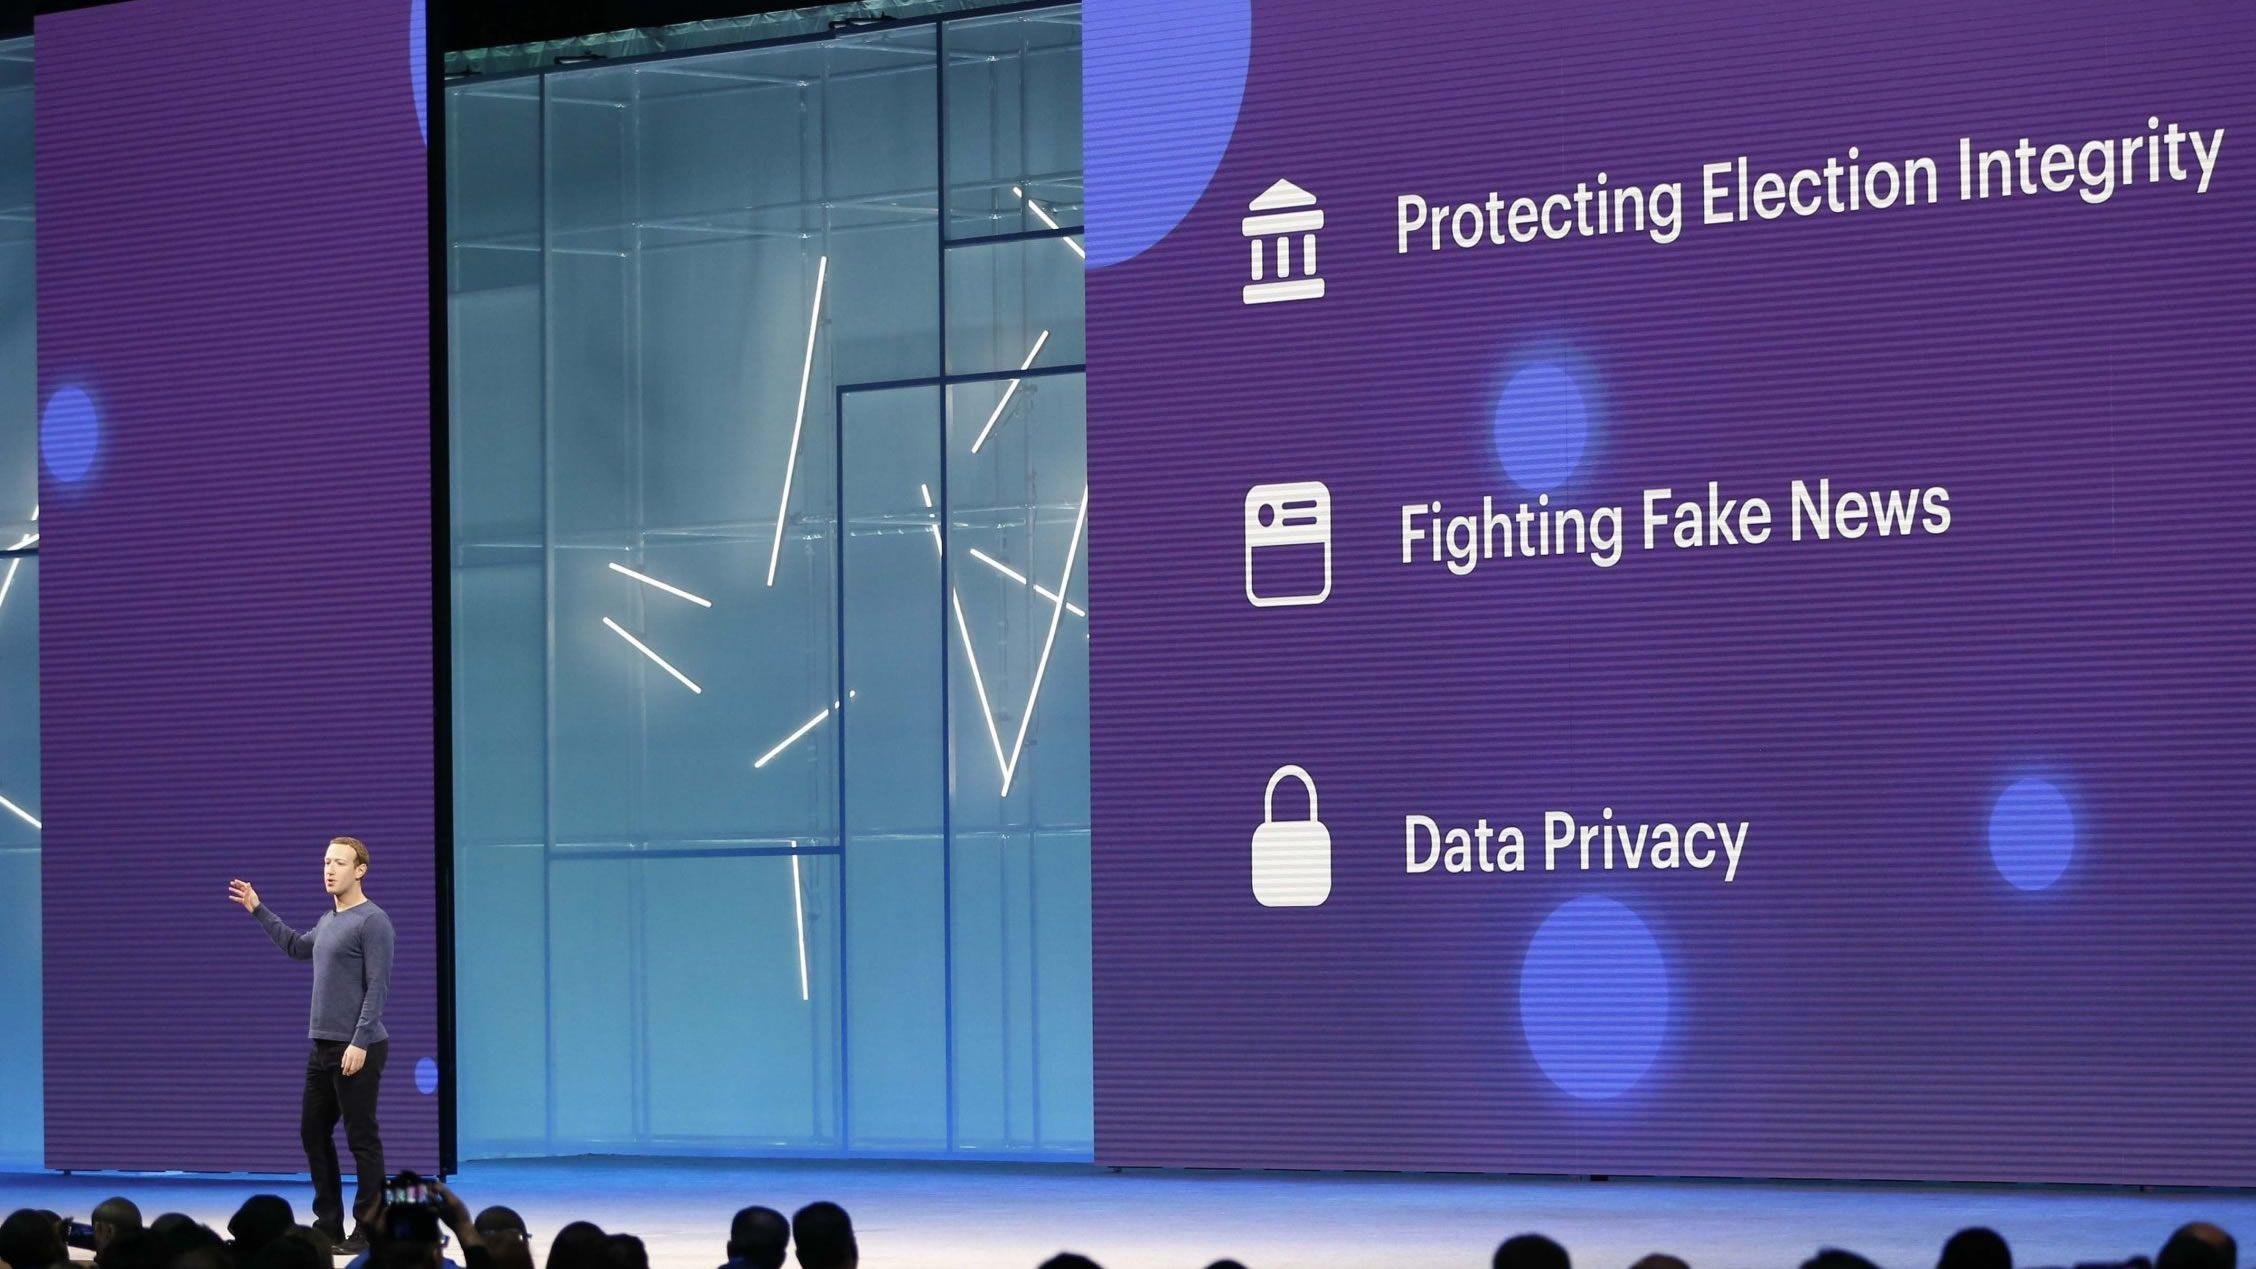 El Reino Unido considera que Facebook no lucha lo suficiente contra las falsas noticias